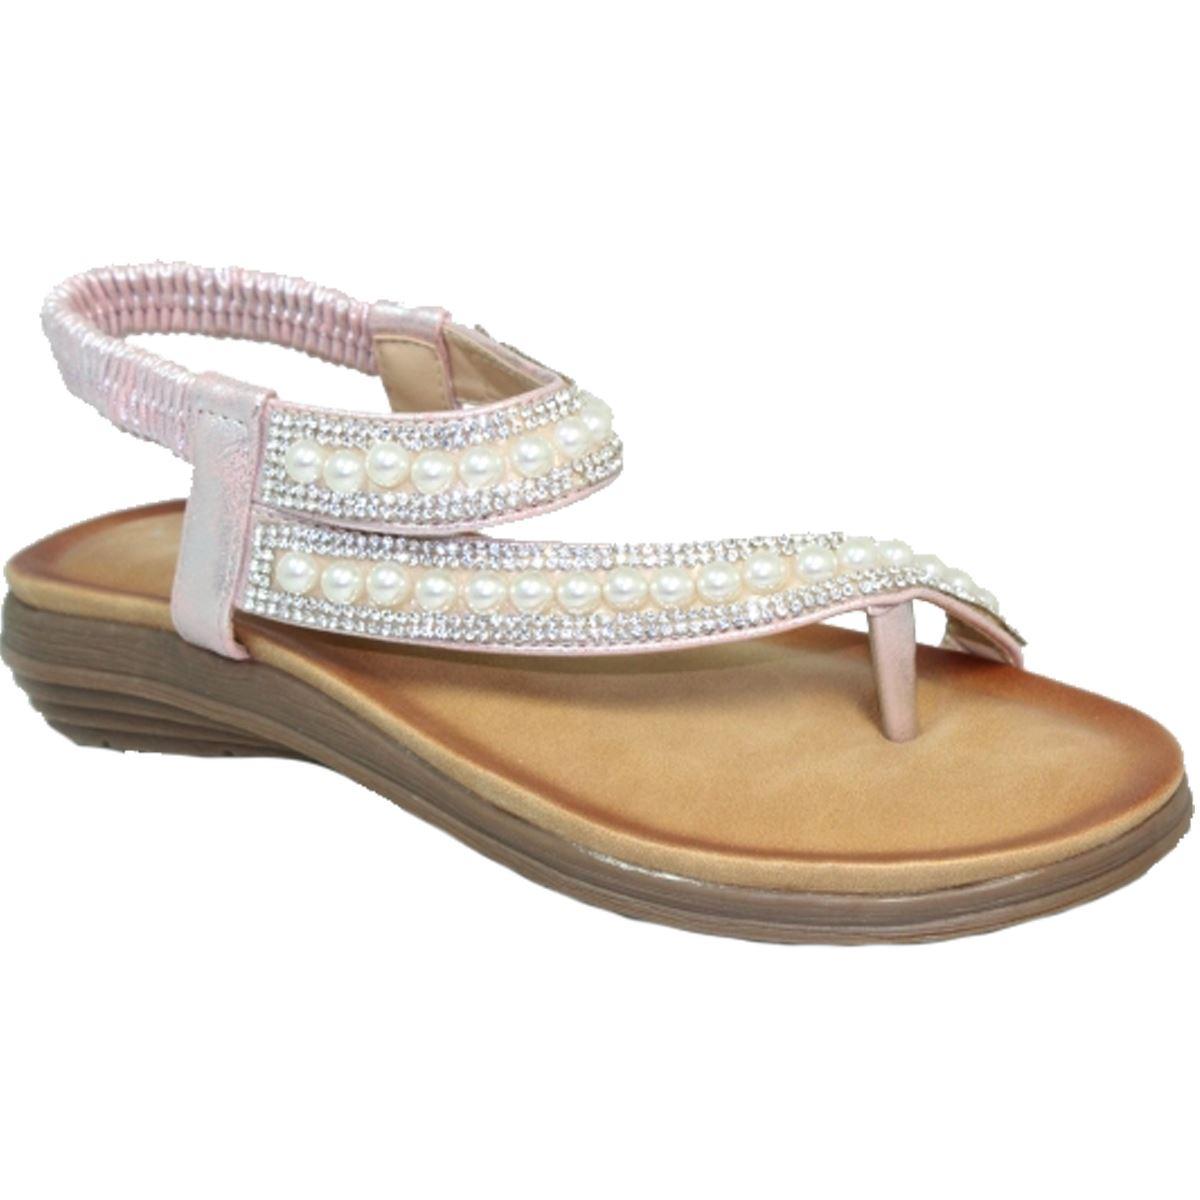 f58f3f7512f JLH075 Lunar Tulip Low Flat Heel Padded Insole Pearl Toe Post Thong Sandals